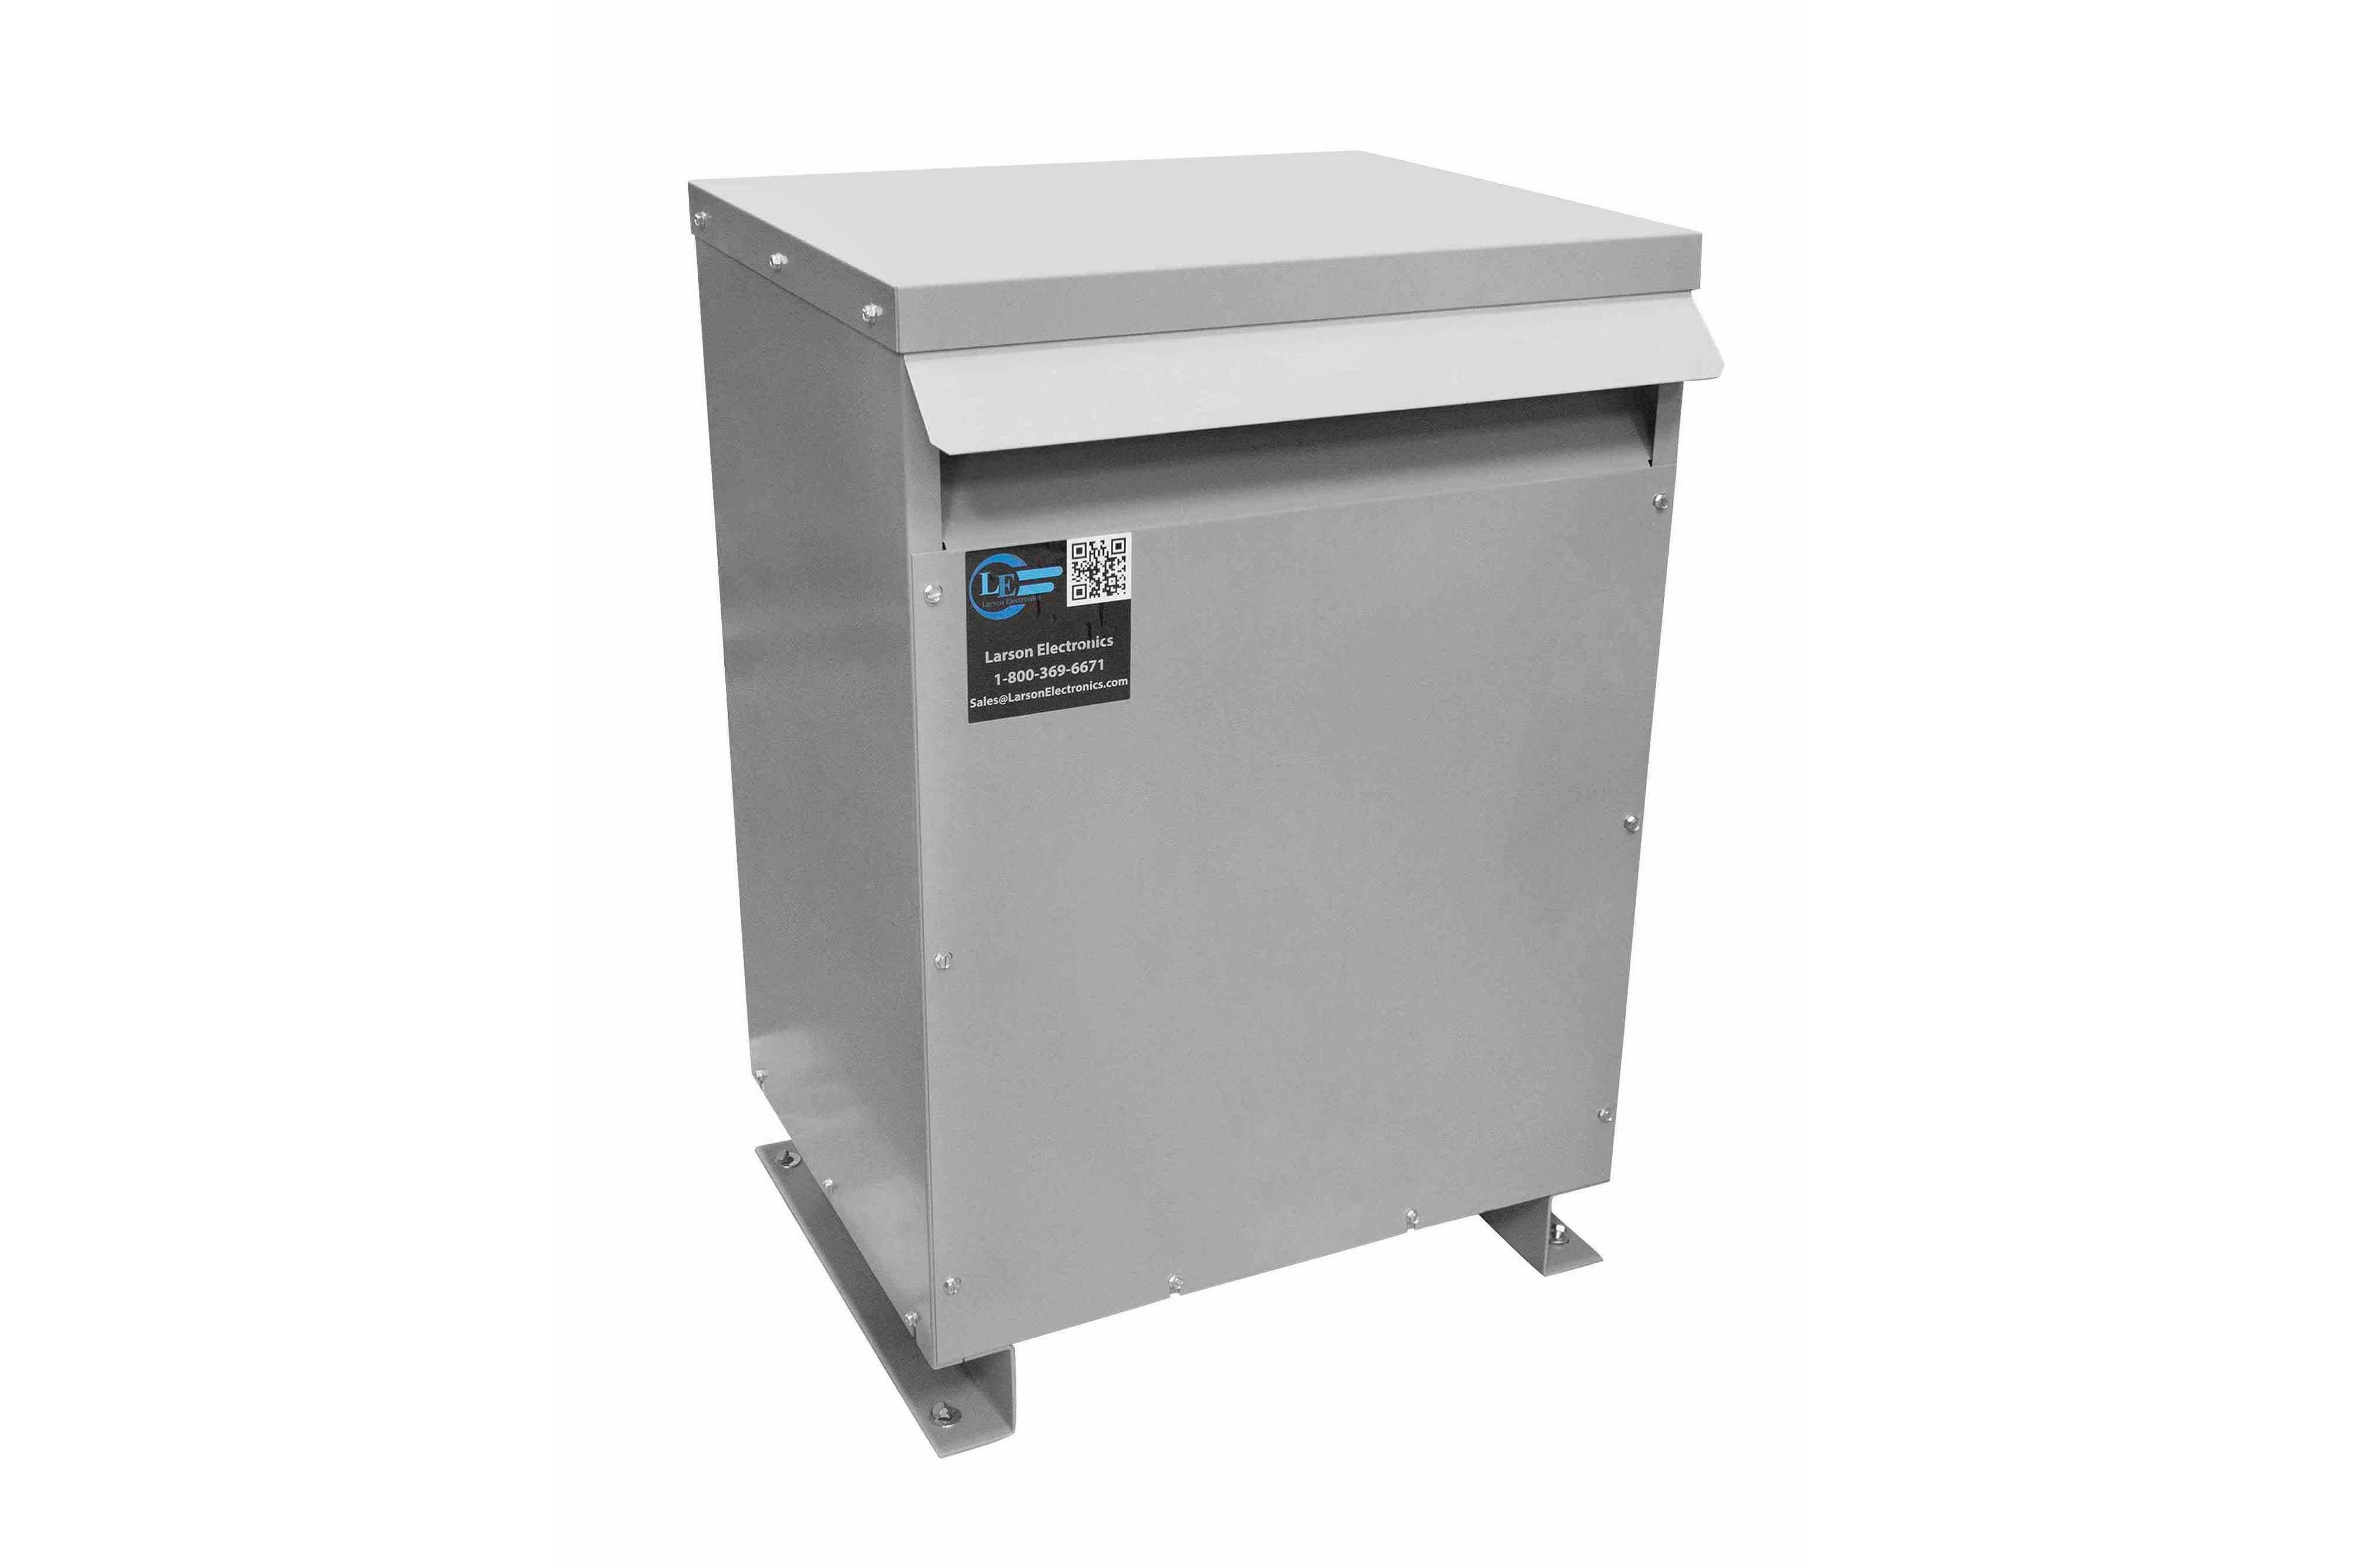 10 kVA 3PH Isolation Transformer, 240V Delta Primary, 480V Delta Secondary, N3R, Ventilated, 60 Hz